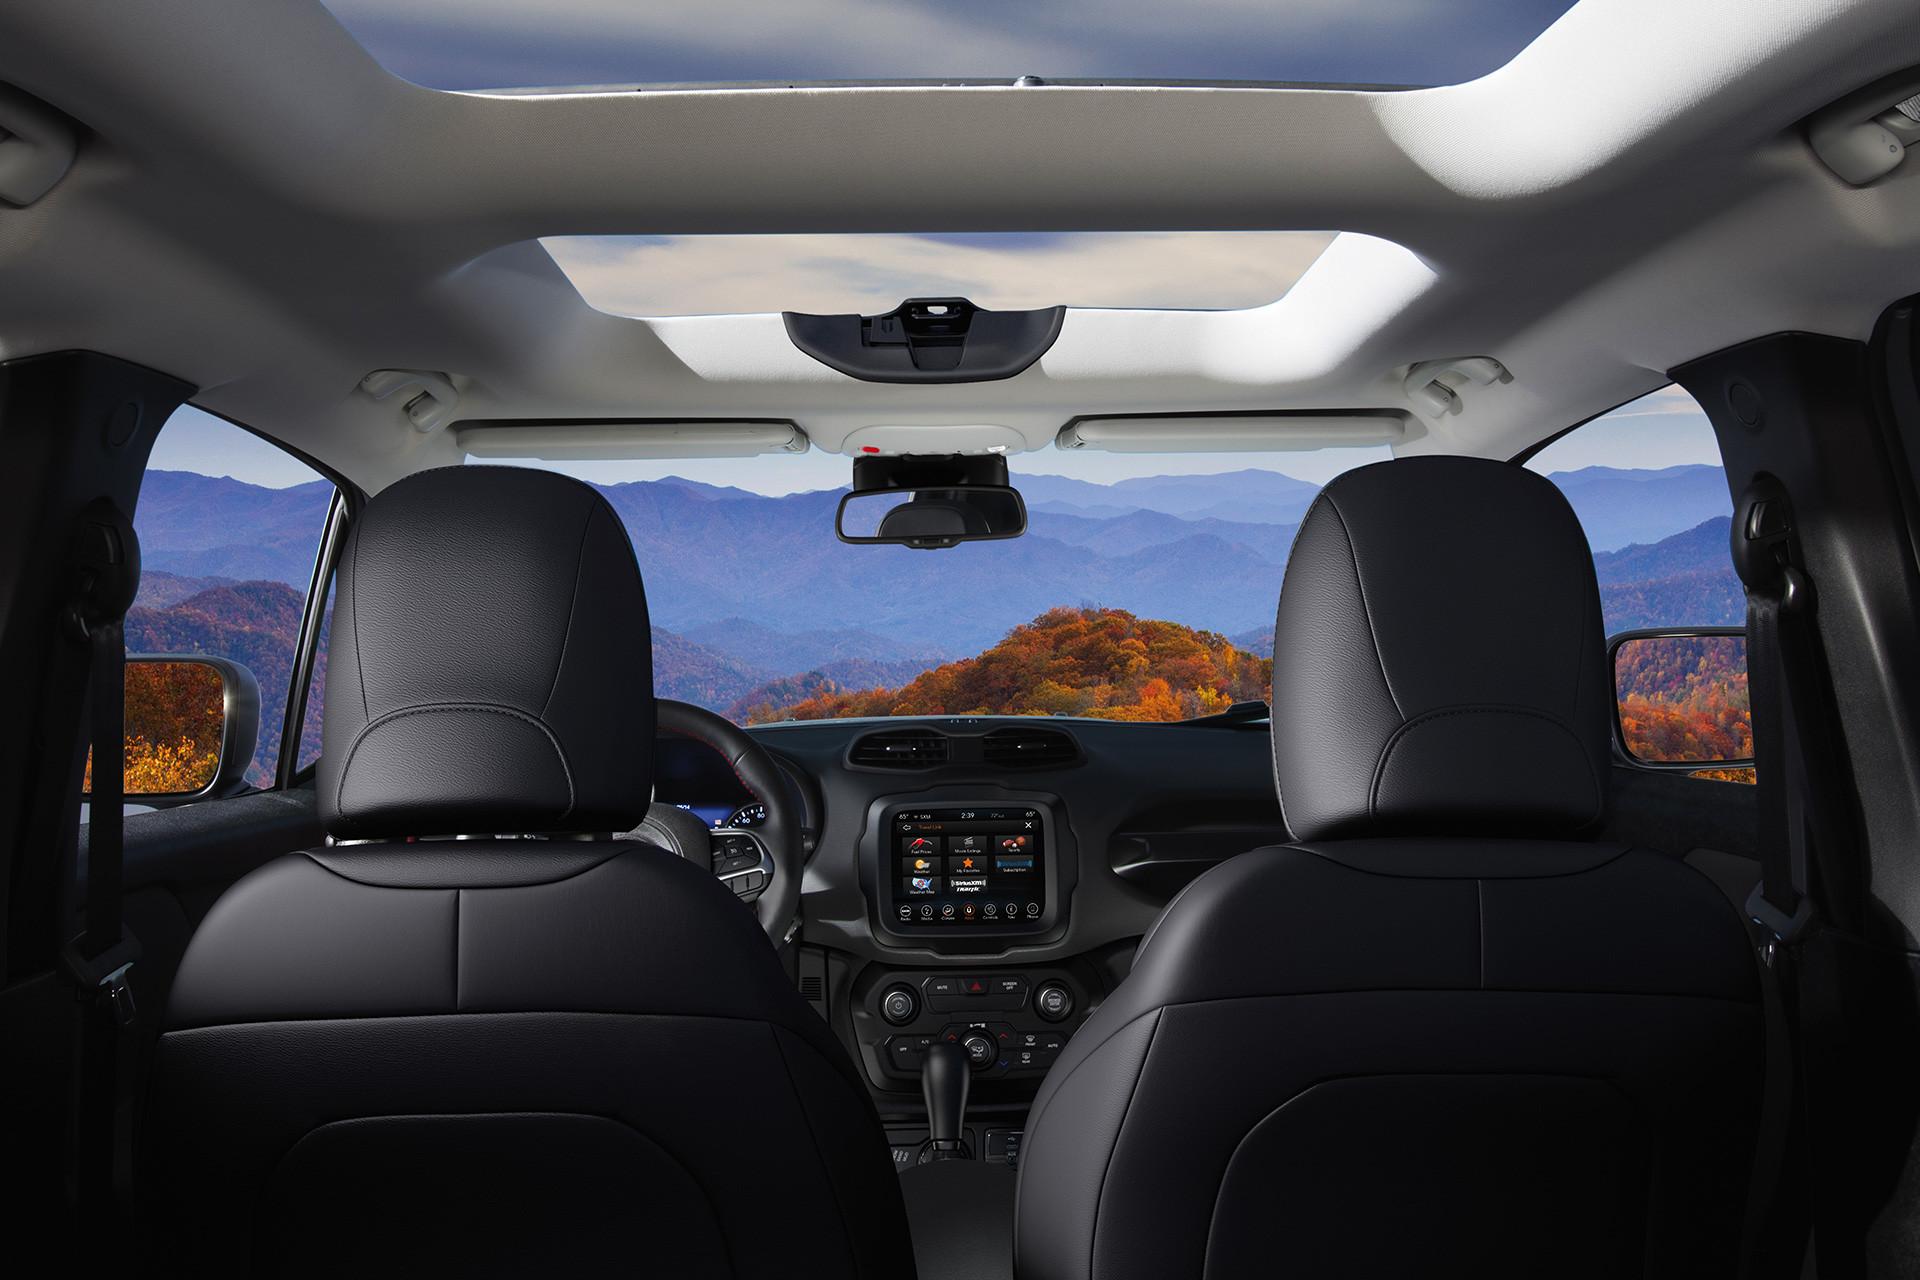 Jeep Renegade Interior >> 2019 Jeep Renegade Interior Gallery Jeep Canada